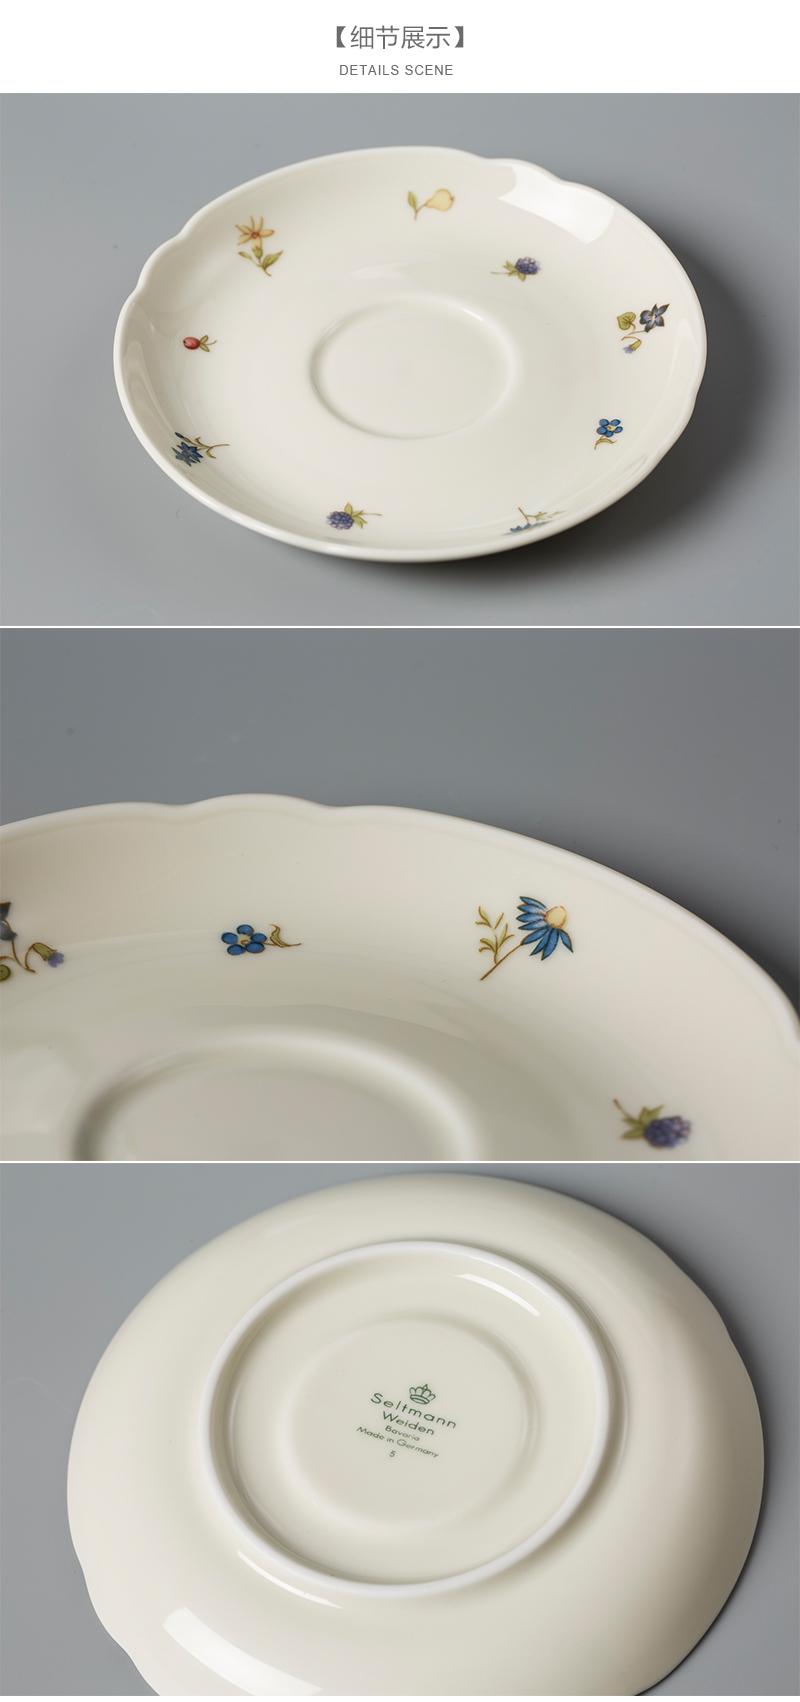 德国Seltmann Weiden陶瓷咖啡杯垫盘细节展示